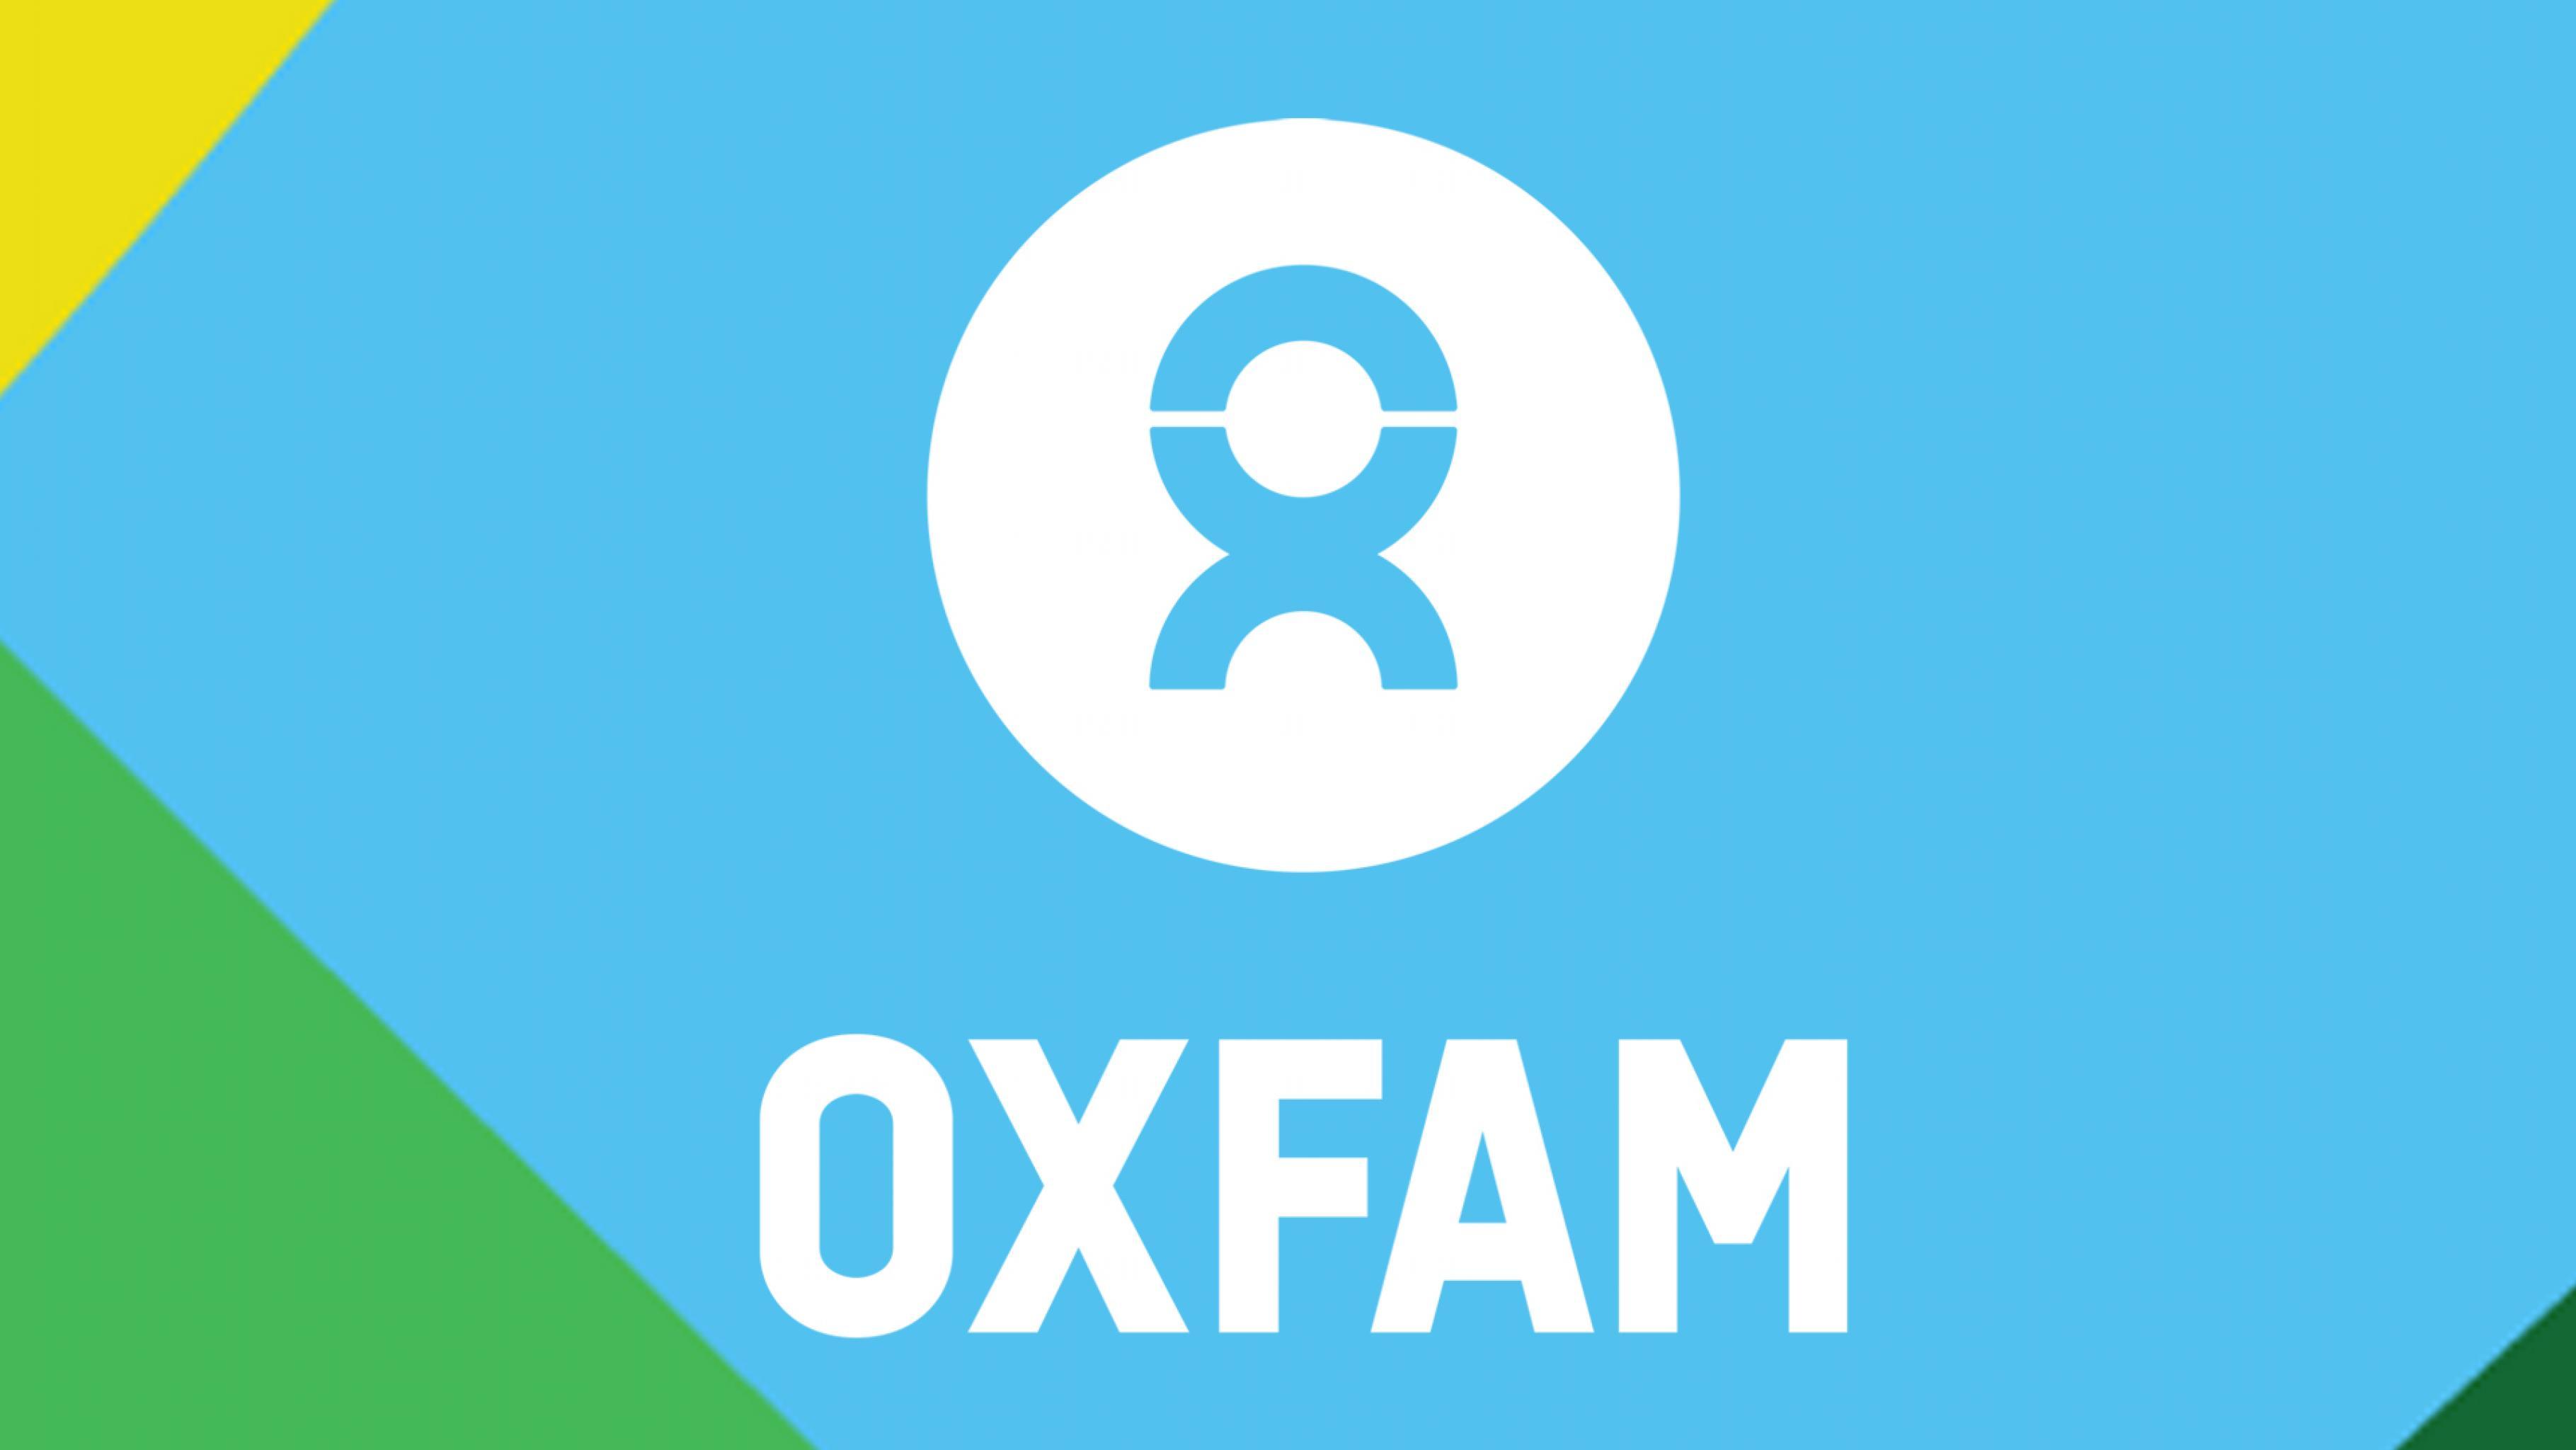 Erklärung zu Vorwürfen gegen Oxfam (aktualisiert)